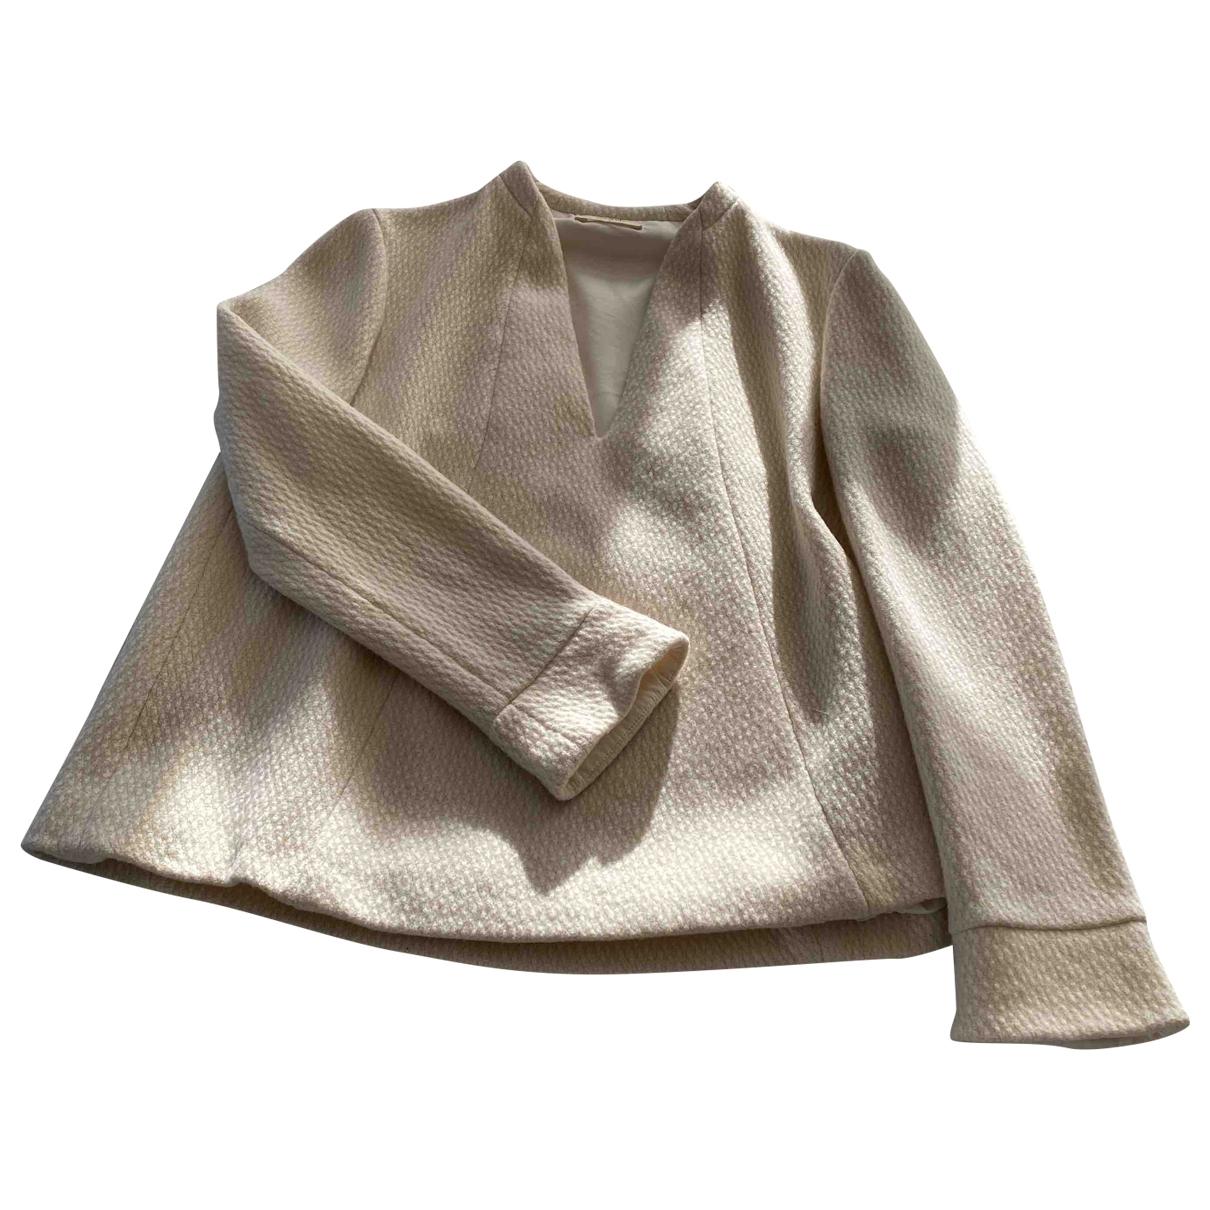 Ba&sh \N Beige Wool  top for Women 1 US